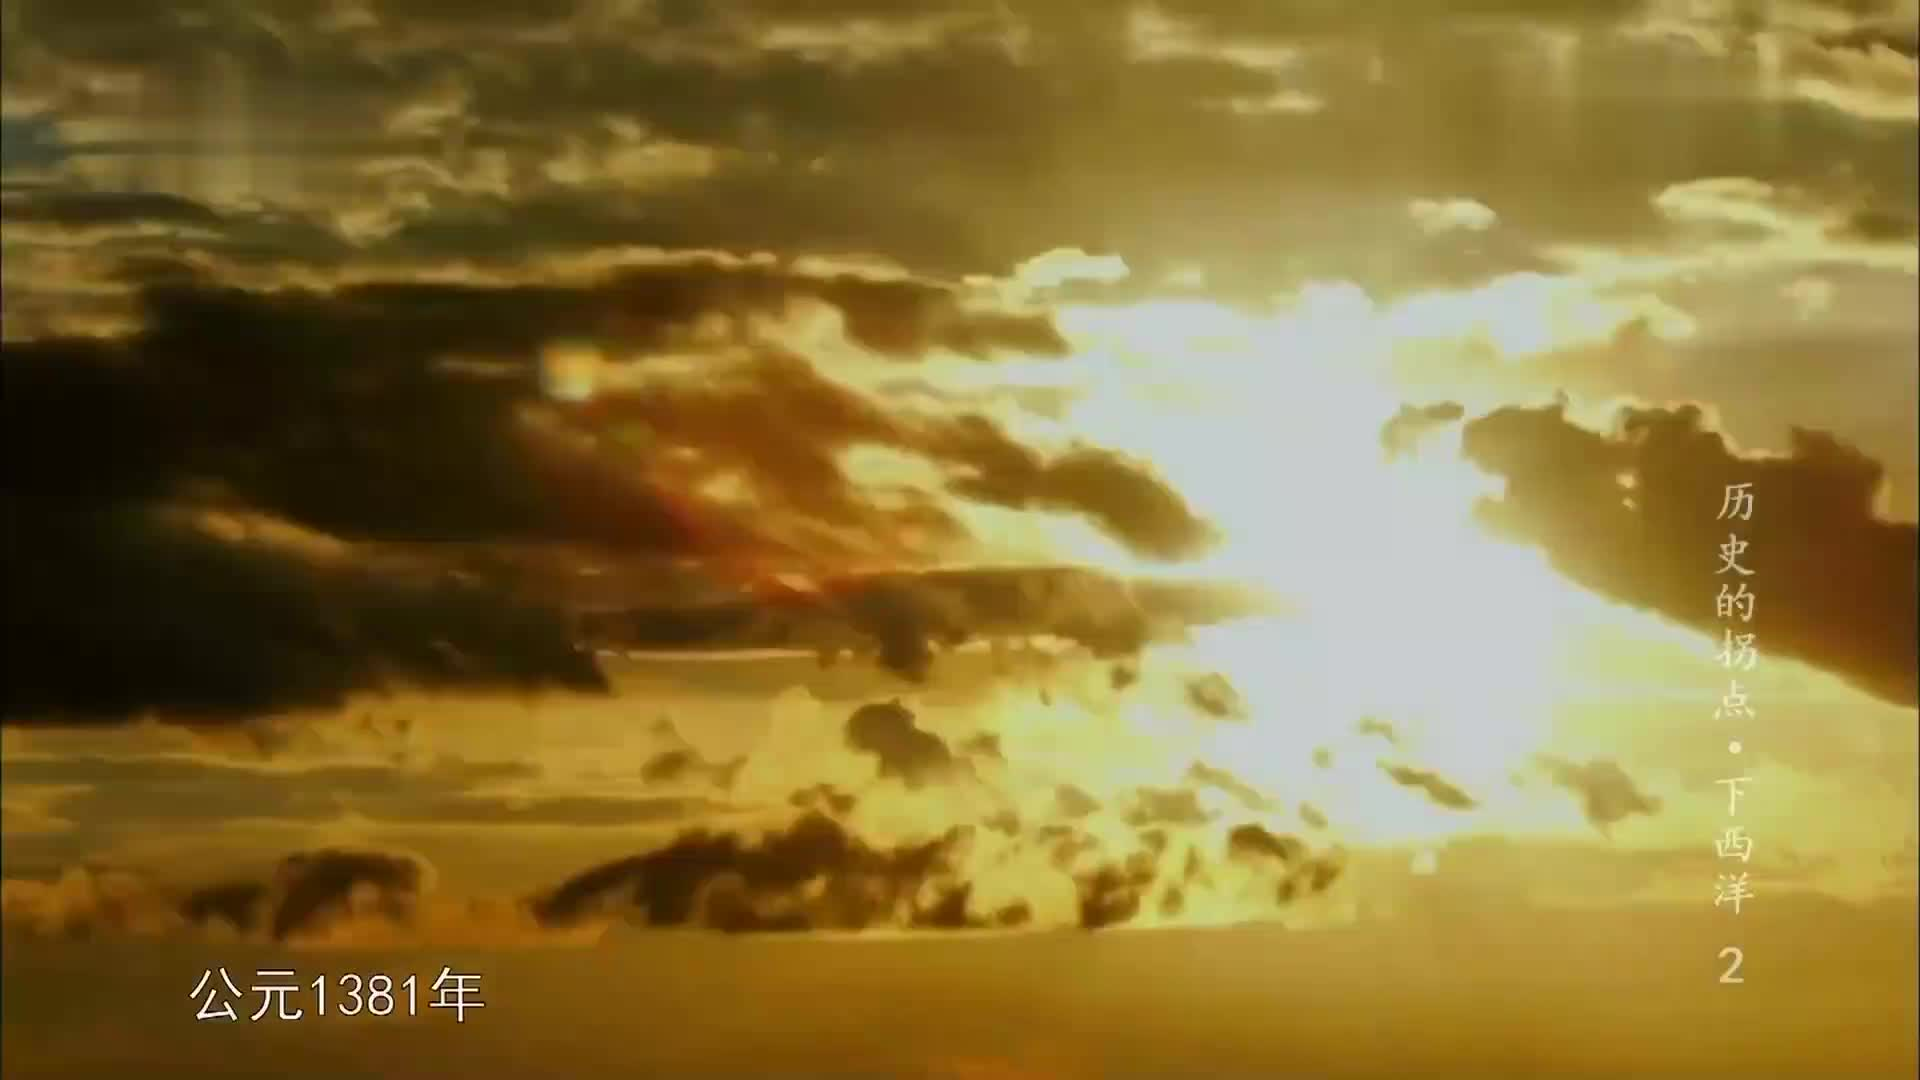 下西洋第二集(2)朱棣为什么选择郑和下西洋,这和郑和身世有关